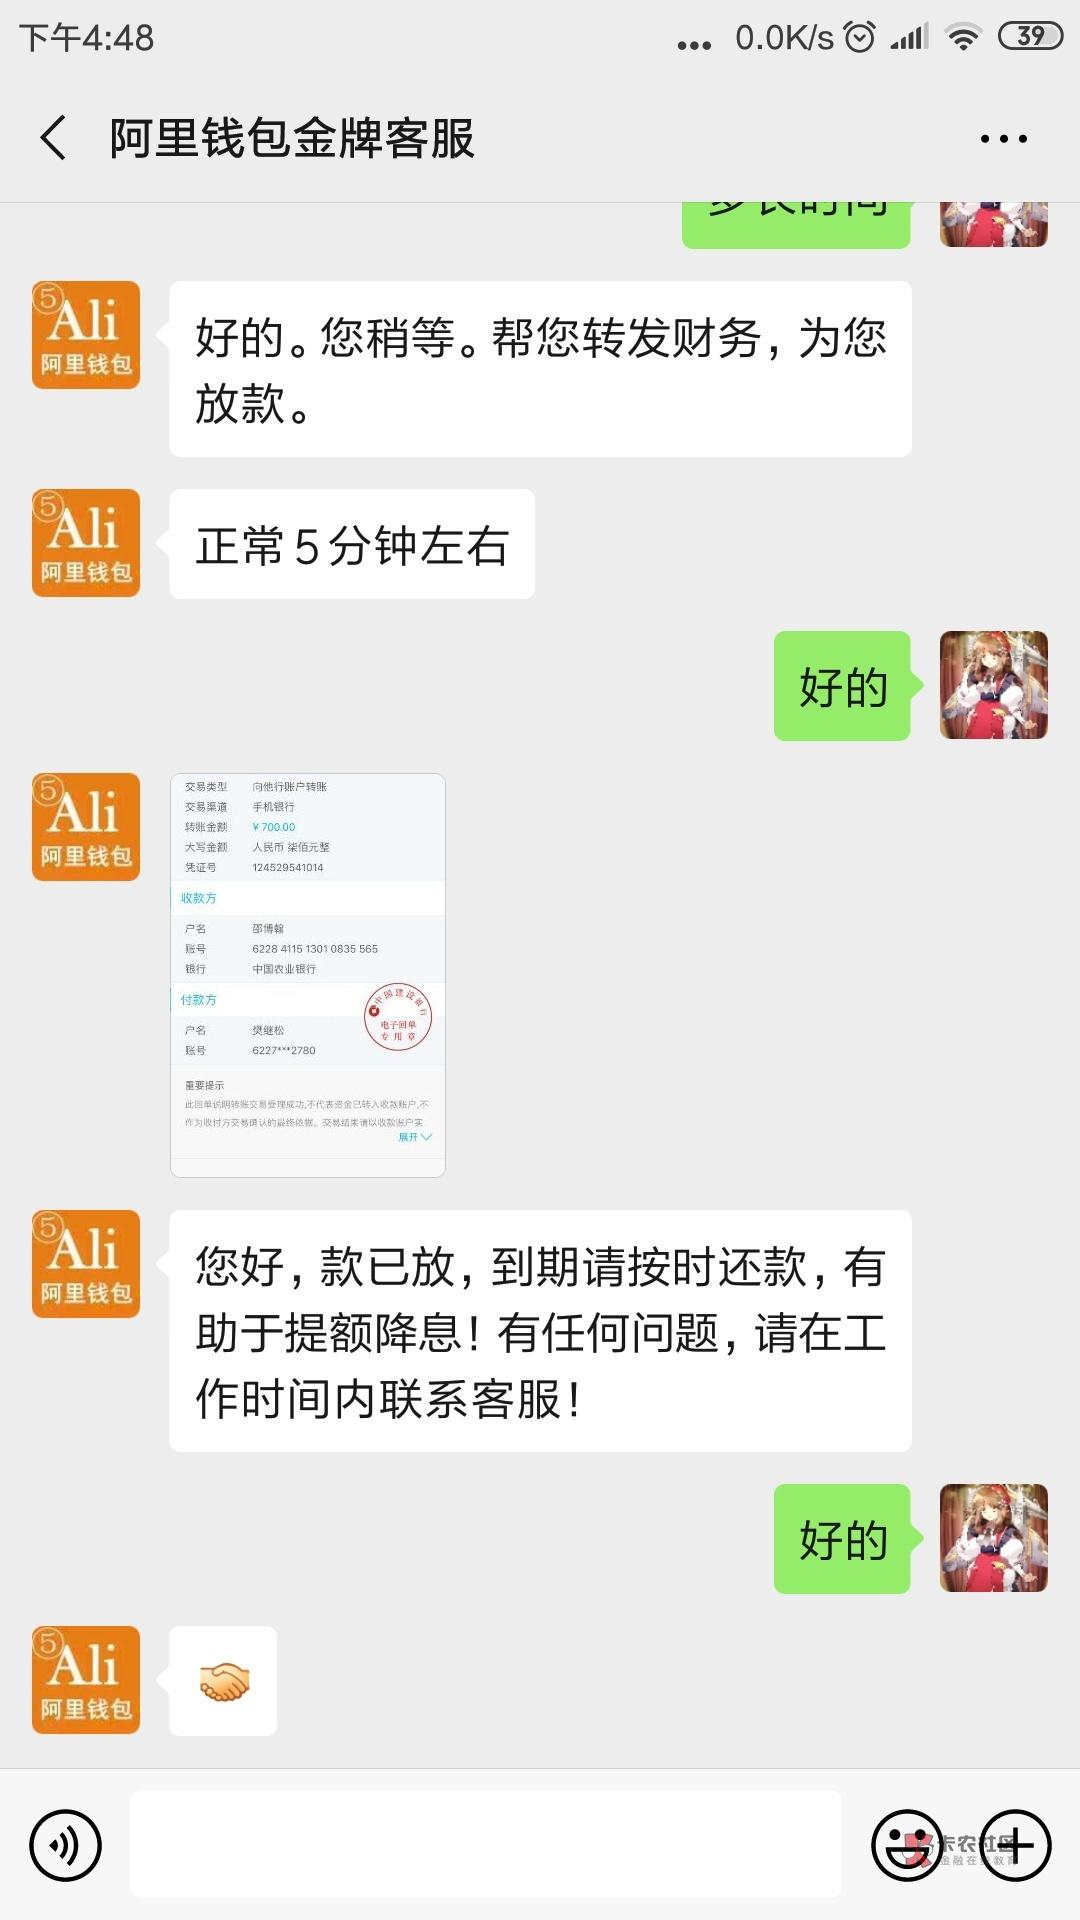 下了700,借贷宝,短信发的app阿里米袋,申请半天运营商...17 / 作者:nddj /